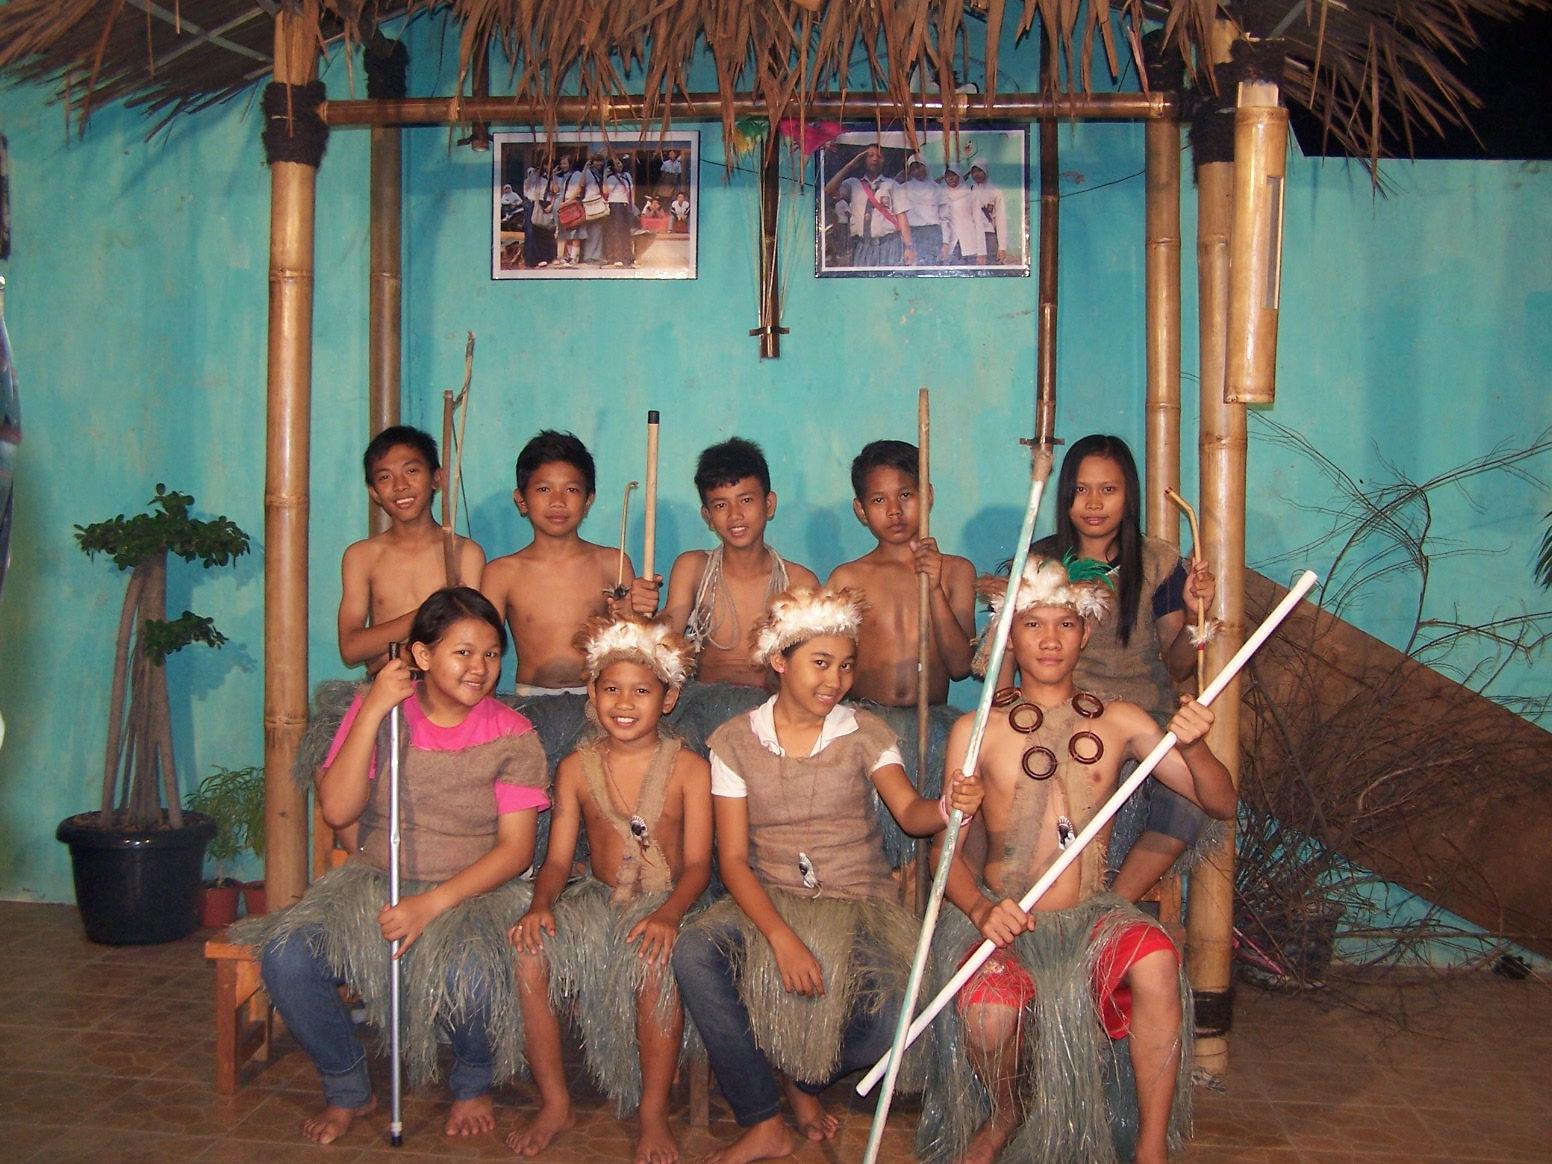 Dongeng Sage: Caadara: cerita rakyat dari Irian Jaya